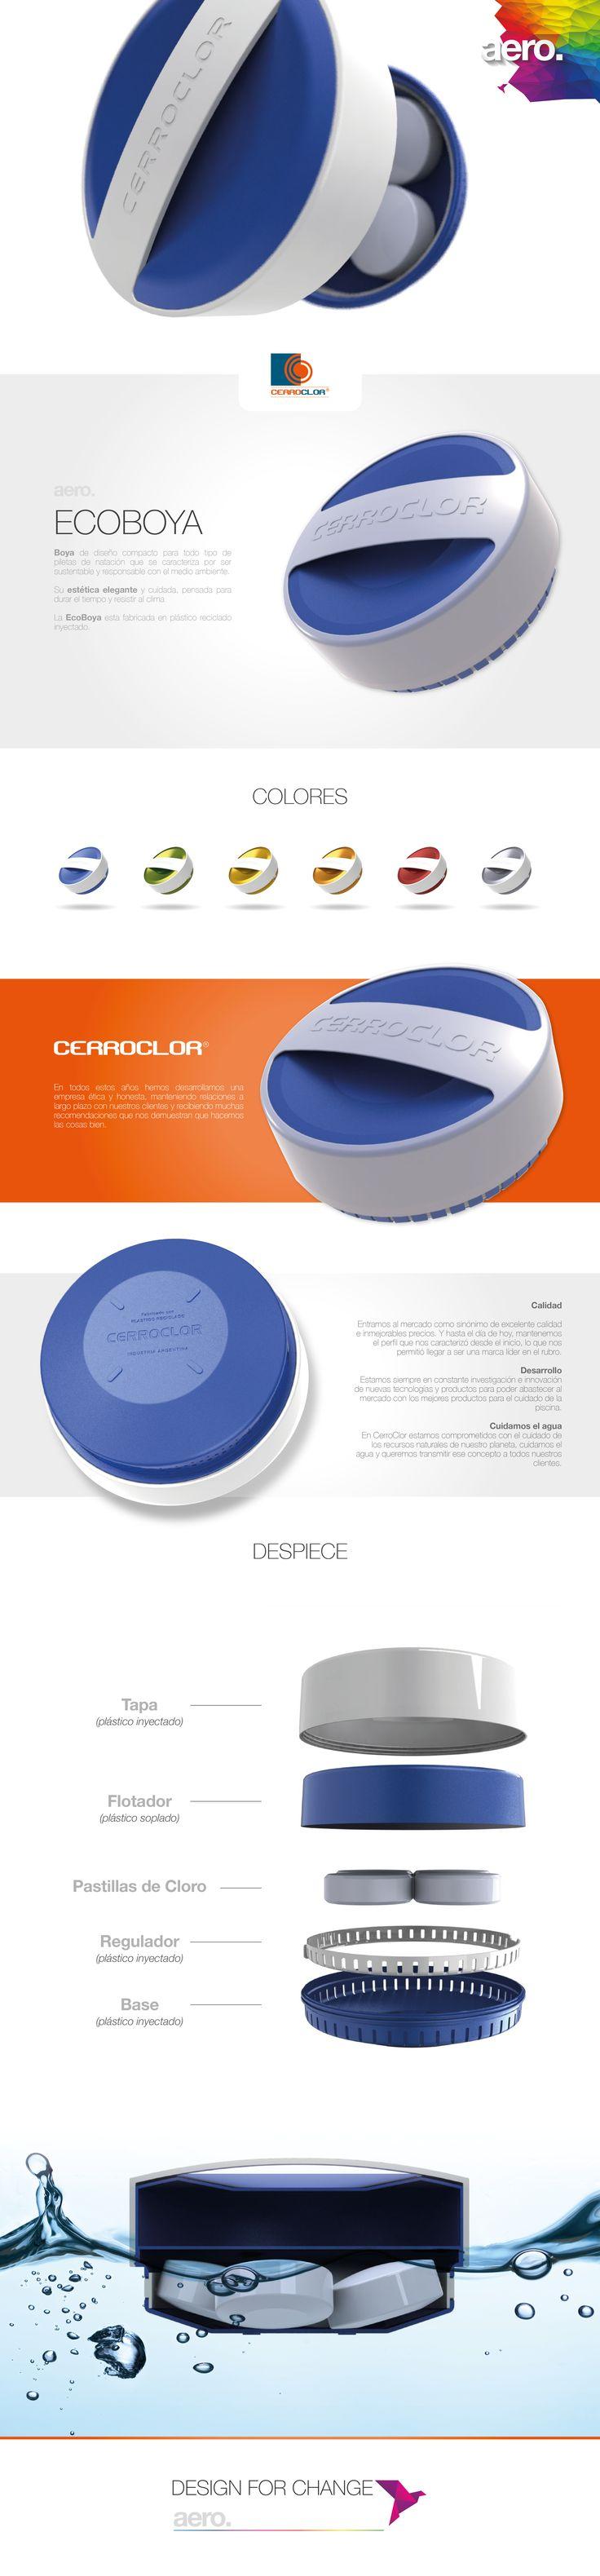 Desarrollo industrial de una bolla contenedora de pastillas de cloro para piscina para Cerroclor.